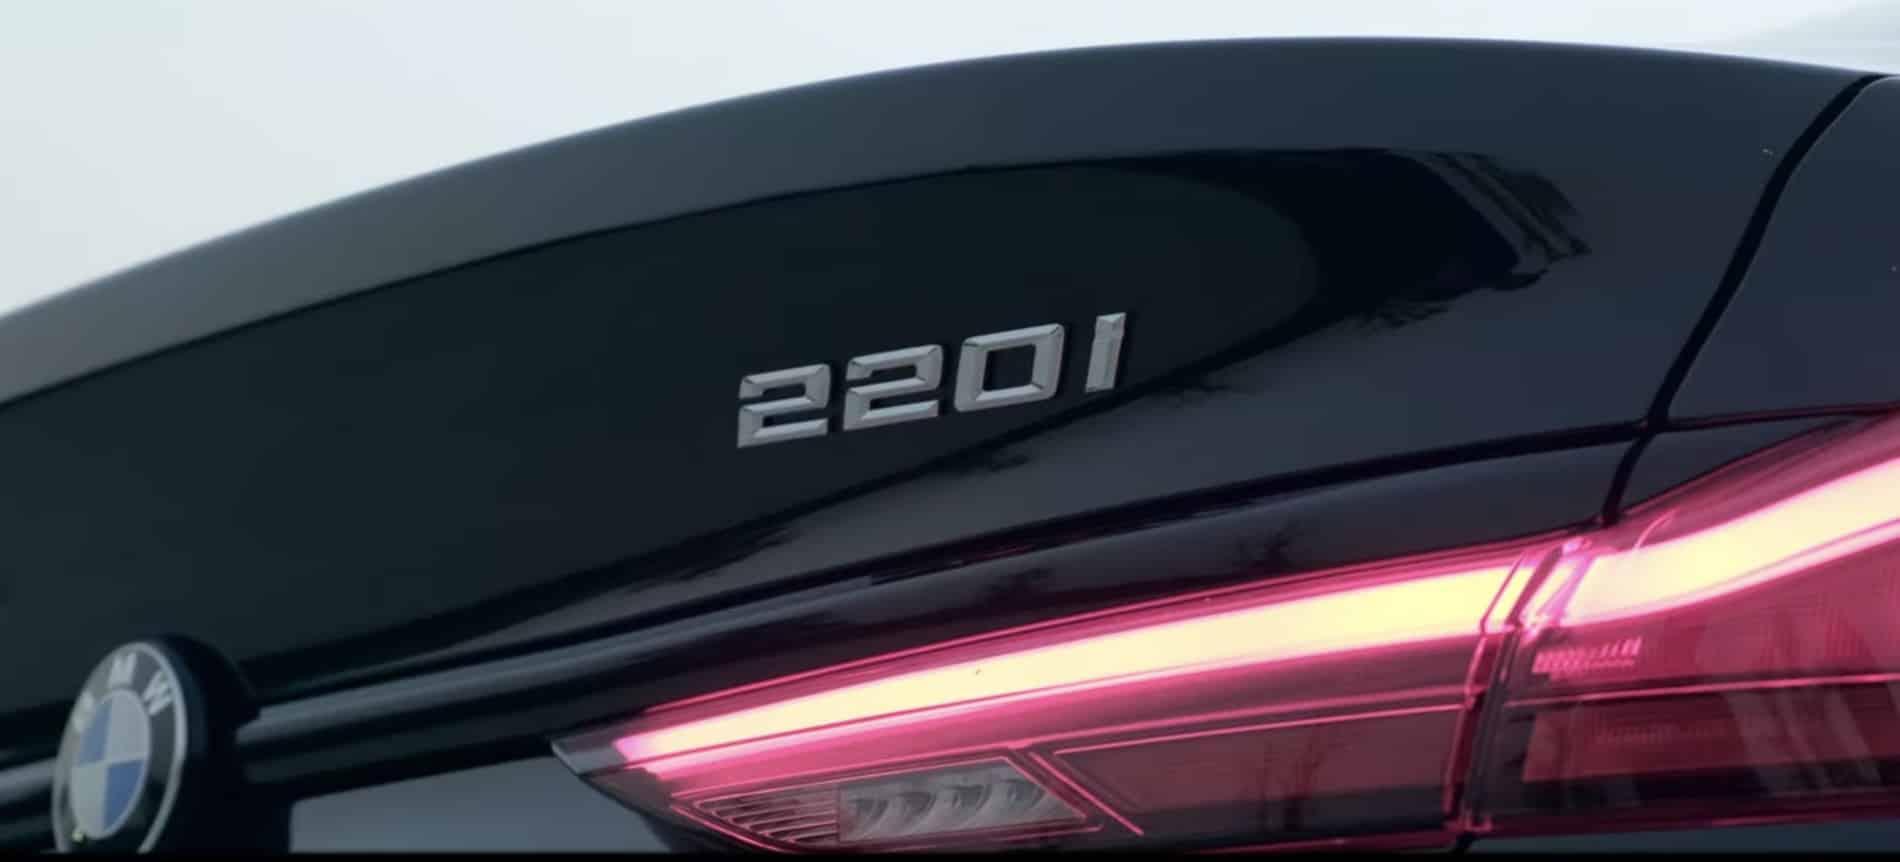 รหัสรุ่นของ BMW